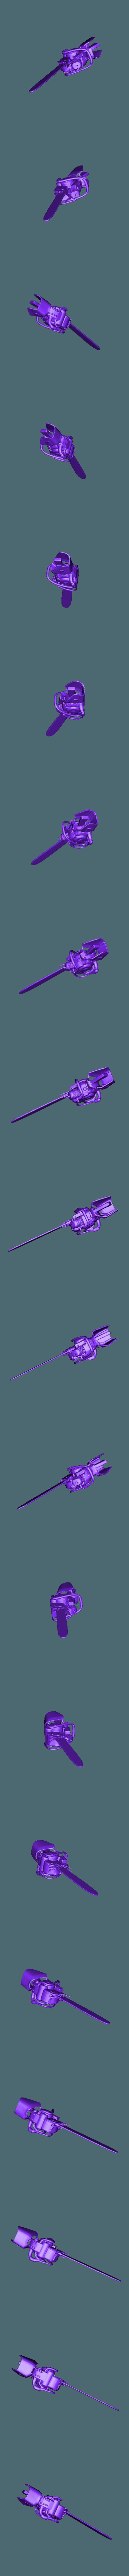 chainsaw.stl Télécharger fichier STL gratuit Mort à la lumière du jour - Hillbilly • Design imprimable en 3D, Hobbyman